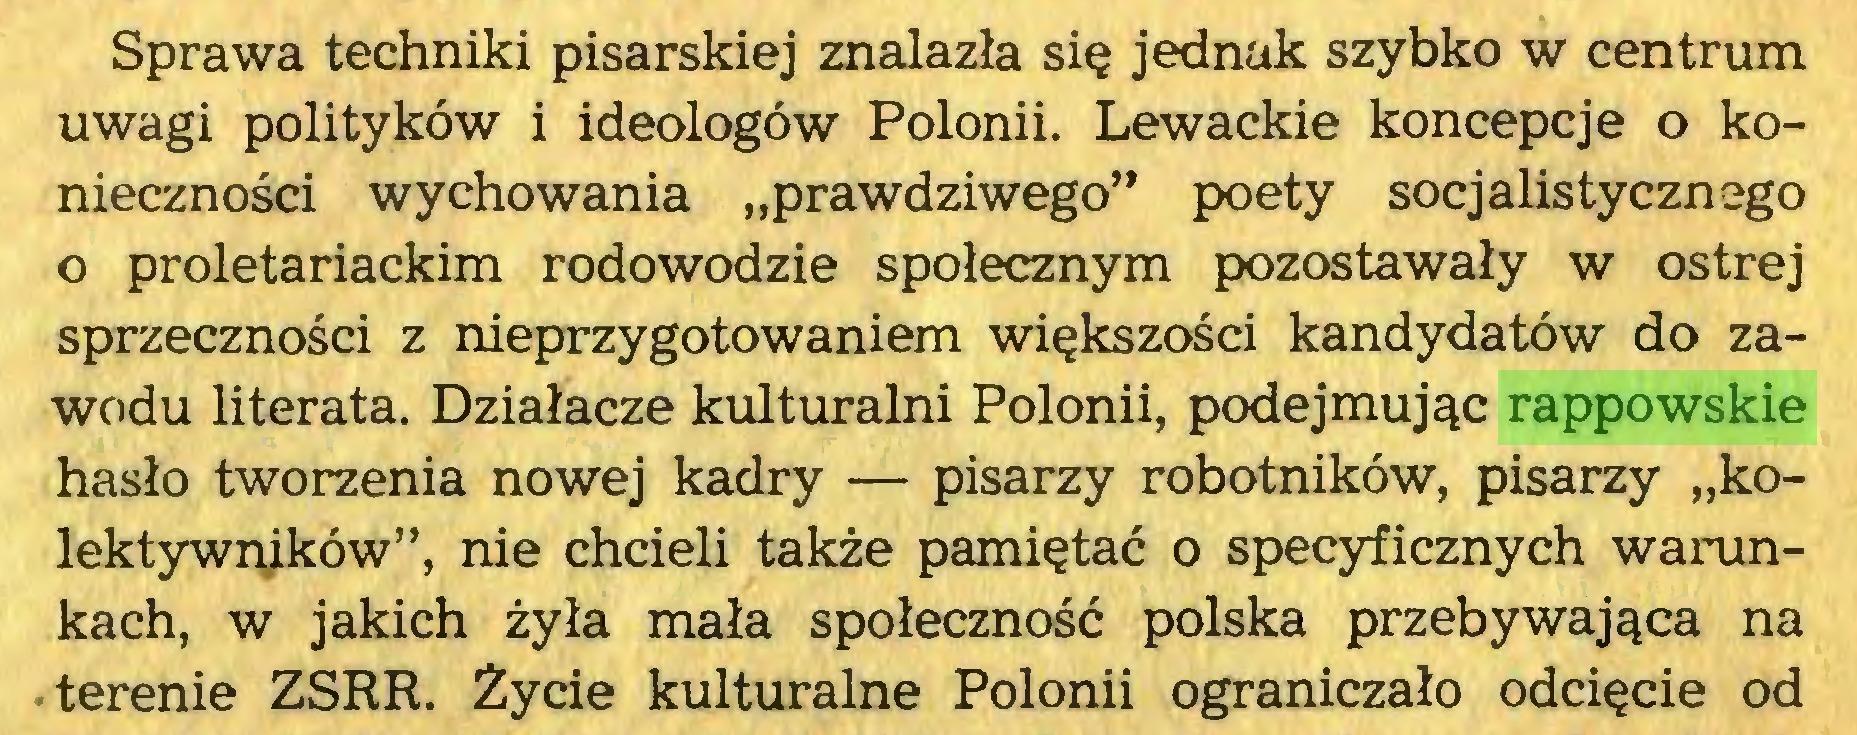 """(...) Sprawa techniki pisarskiej znalazła się jednak szybko w centrum uwagi polityków i ideologów Polonii. Lewackie koncepcje o konieczności wychowania """"prawdziwego"""" poety socjalistycznego o proletariackim rodowodzie społecznym pozostawały w ostrej sprzeczności z nieprzygotowaniem większości kandydatów do zawodu literata. Działacze kulturalni Polonii, podejmując rappowskie hasło tworzenia nowej kadry — pisarzy robotników, pisarzy """"kolektywników"""", nie chcieli także pamiętać o specyficznych warunkach, w jakich żyła mała społeczność polska przebywająca na terenie ZSRR. Życie kulturalne Polonii ograniczało odcięcie od..."""